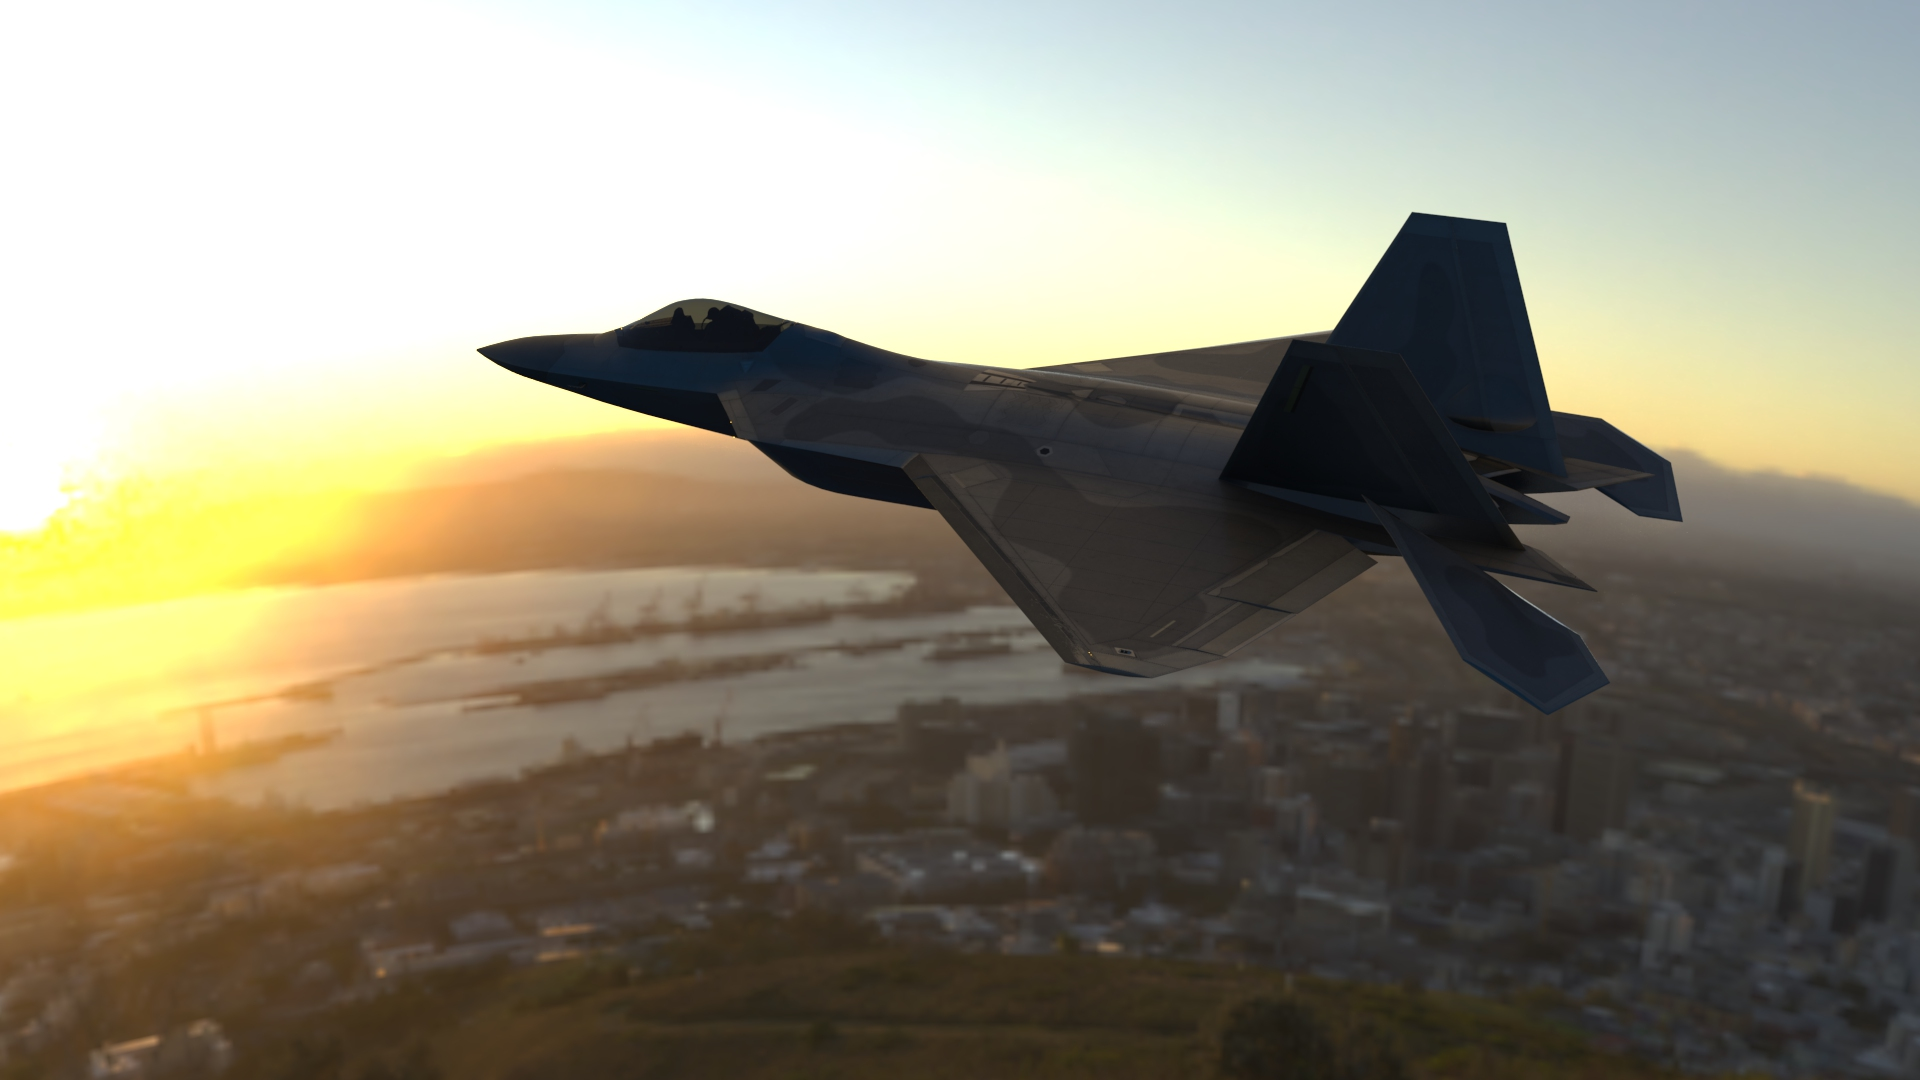 美军削减F-35隐藏一个重要原因:战场上会被歼-20吊打